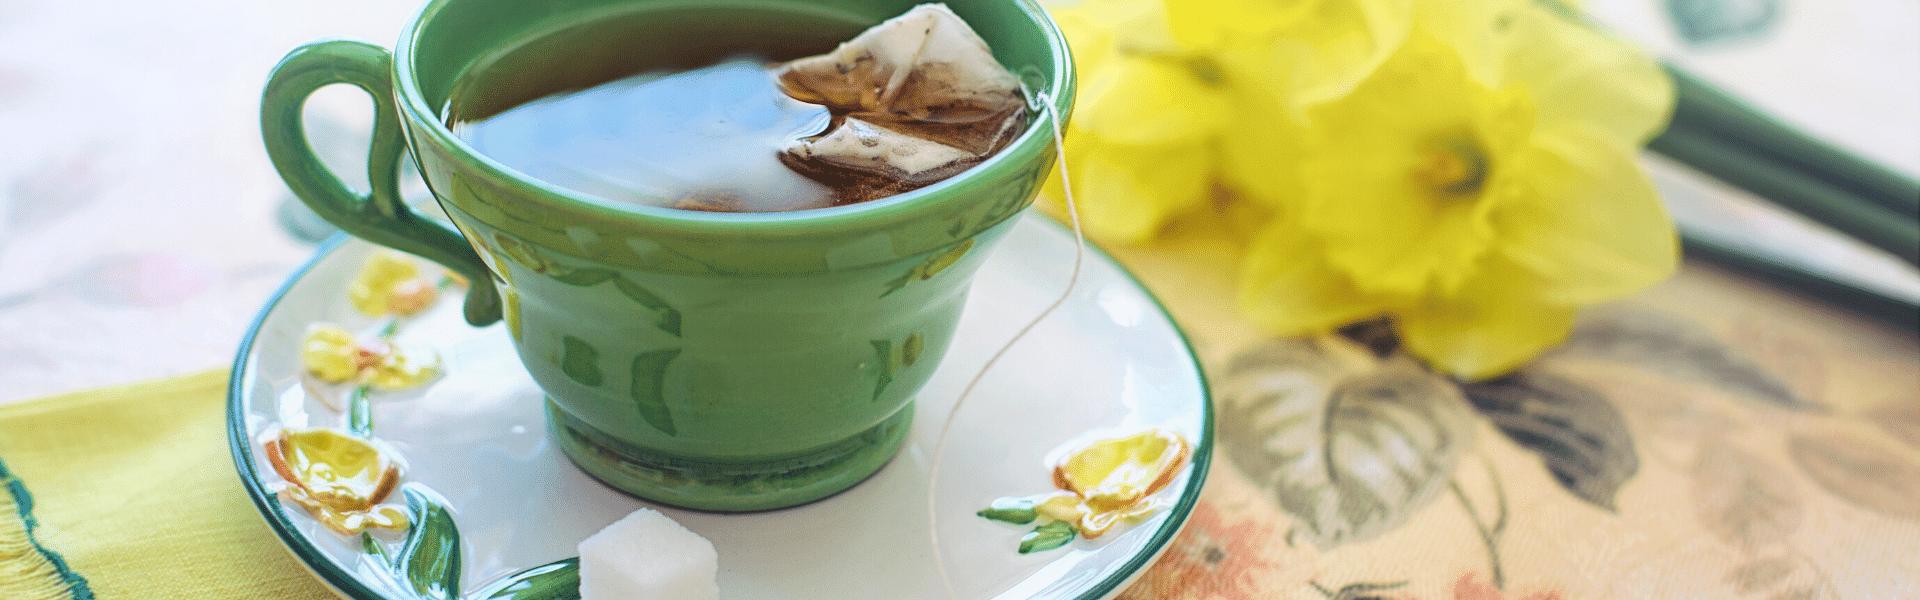 Welches ist besser, um grünen oder roten Tee zu verlieren